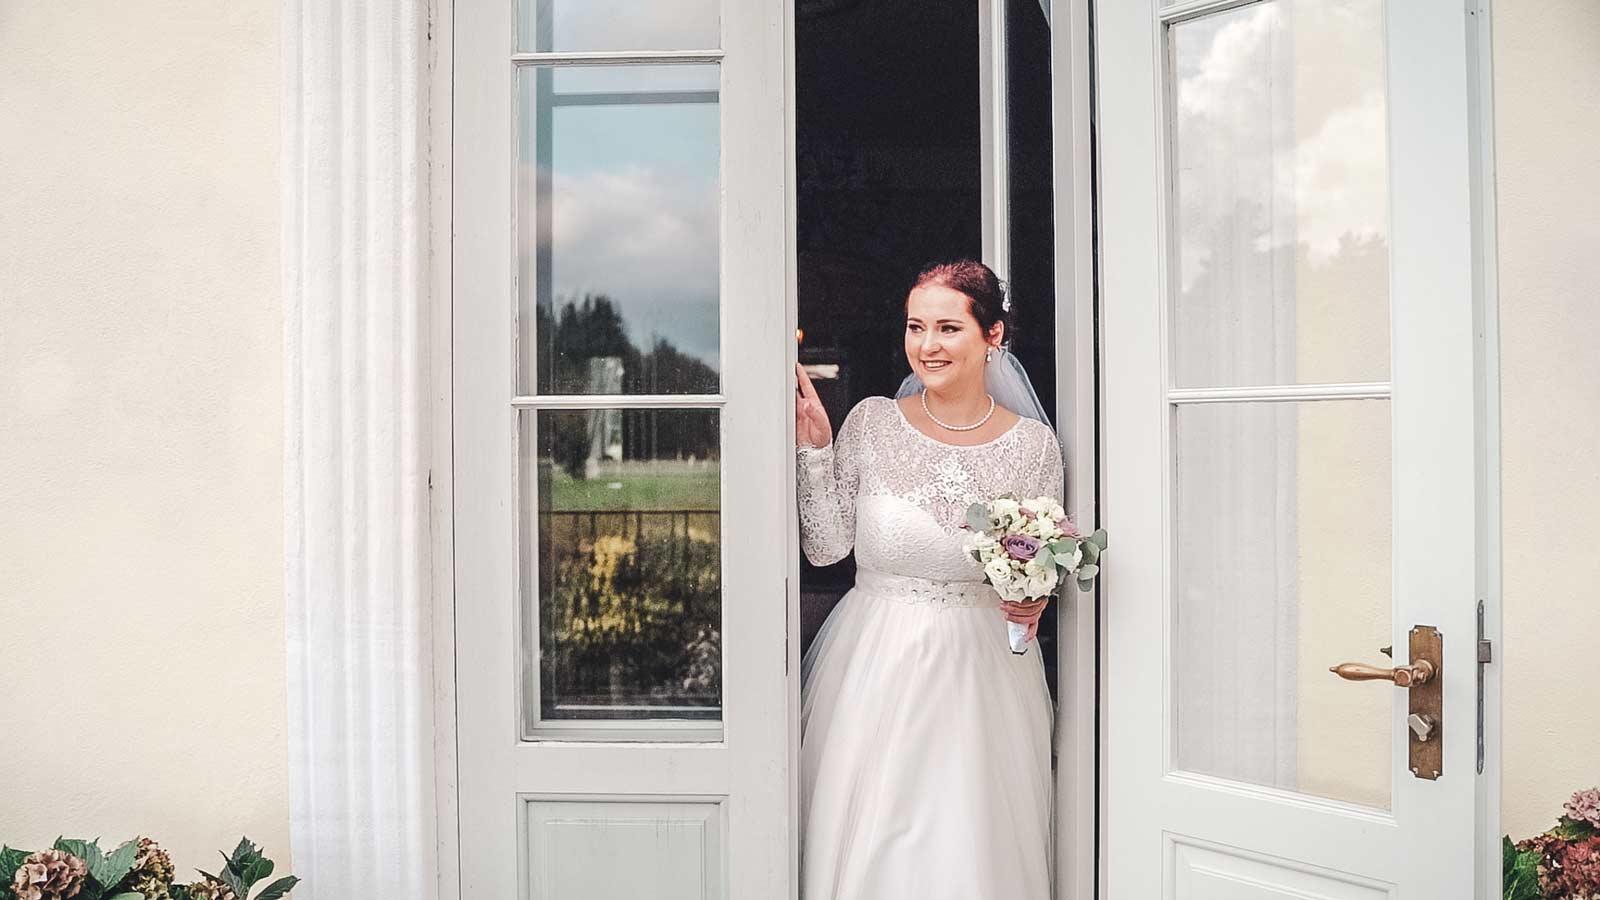 Pruut ukseaugus Padise mõisas pulma fotograaf ja pulmavideo tegemine